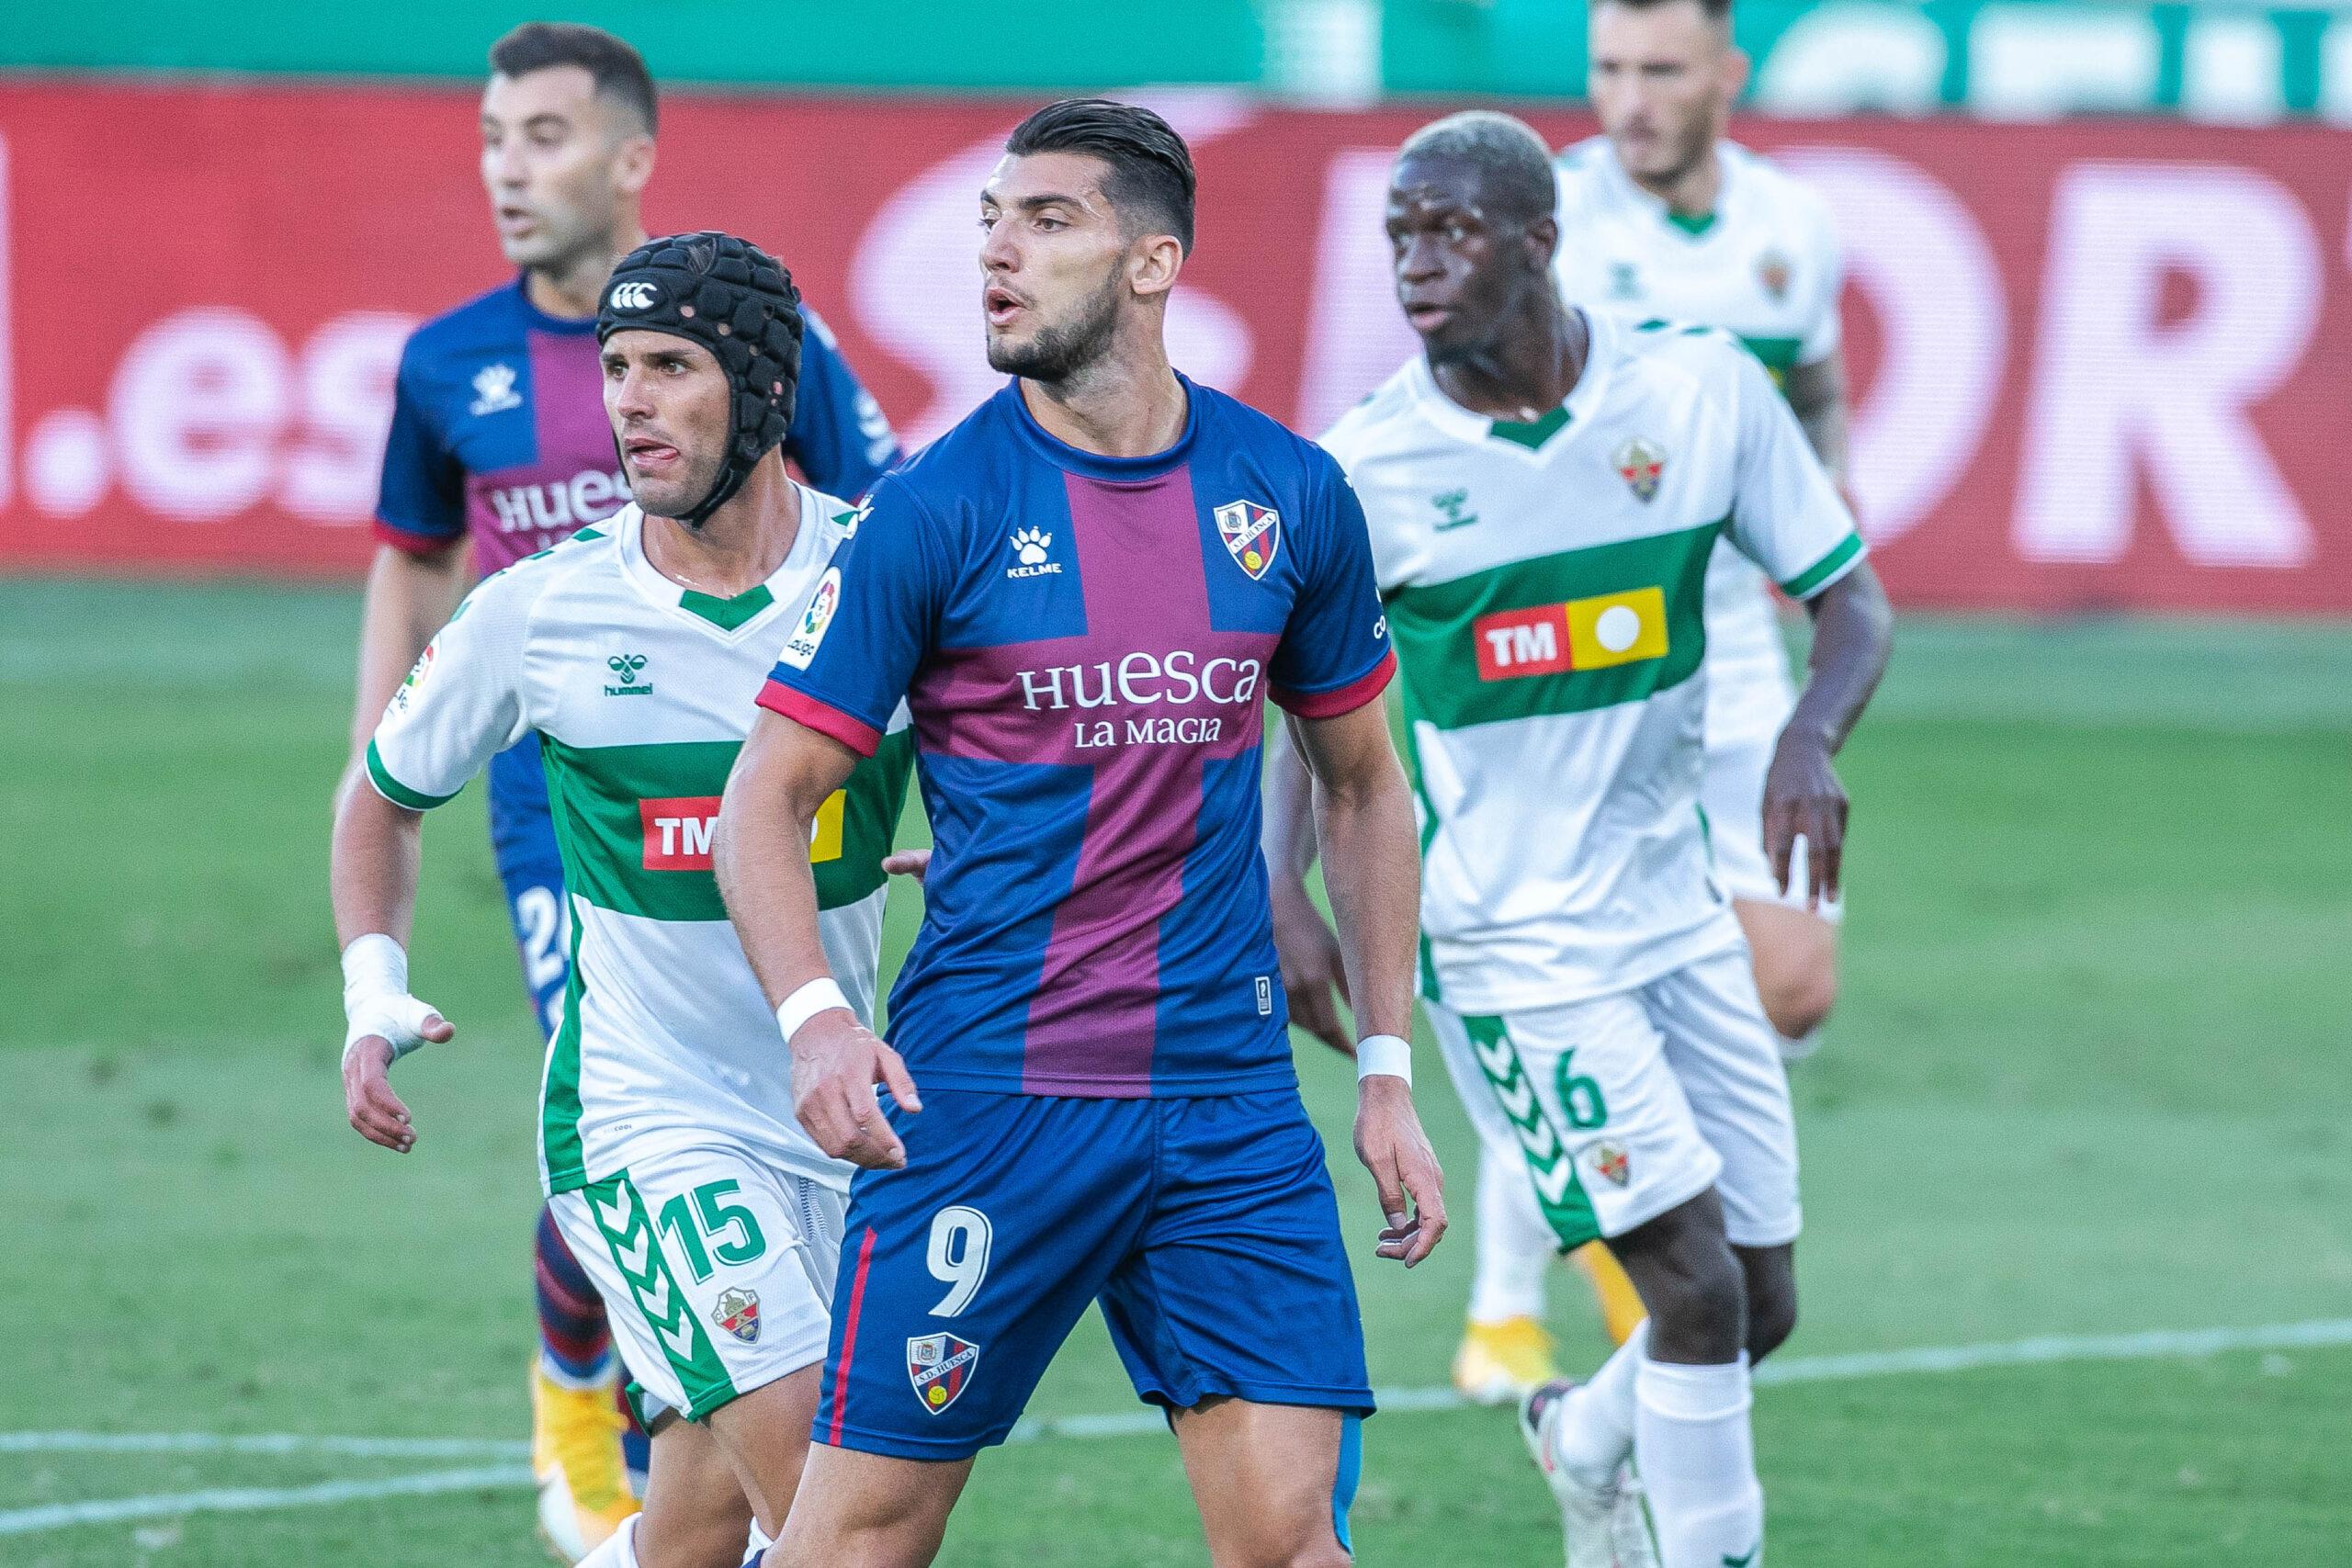 Cara a Cara: SD Huesca – Elche CF